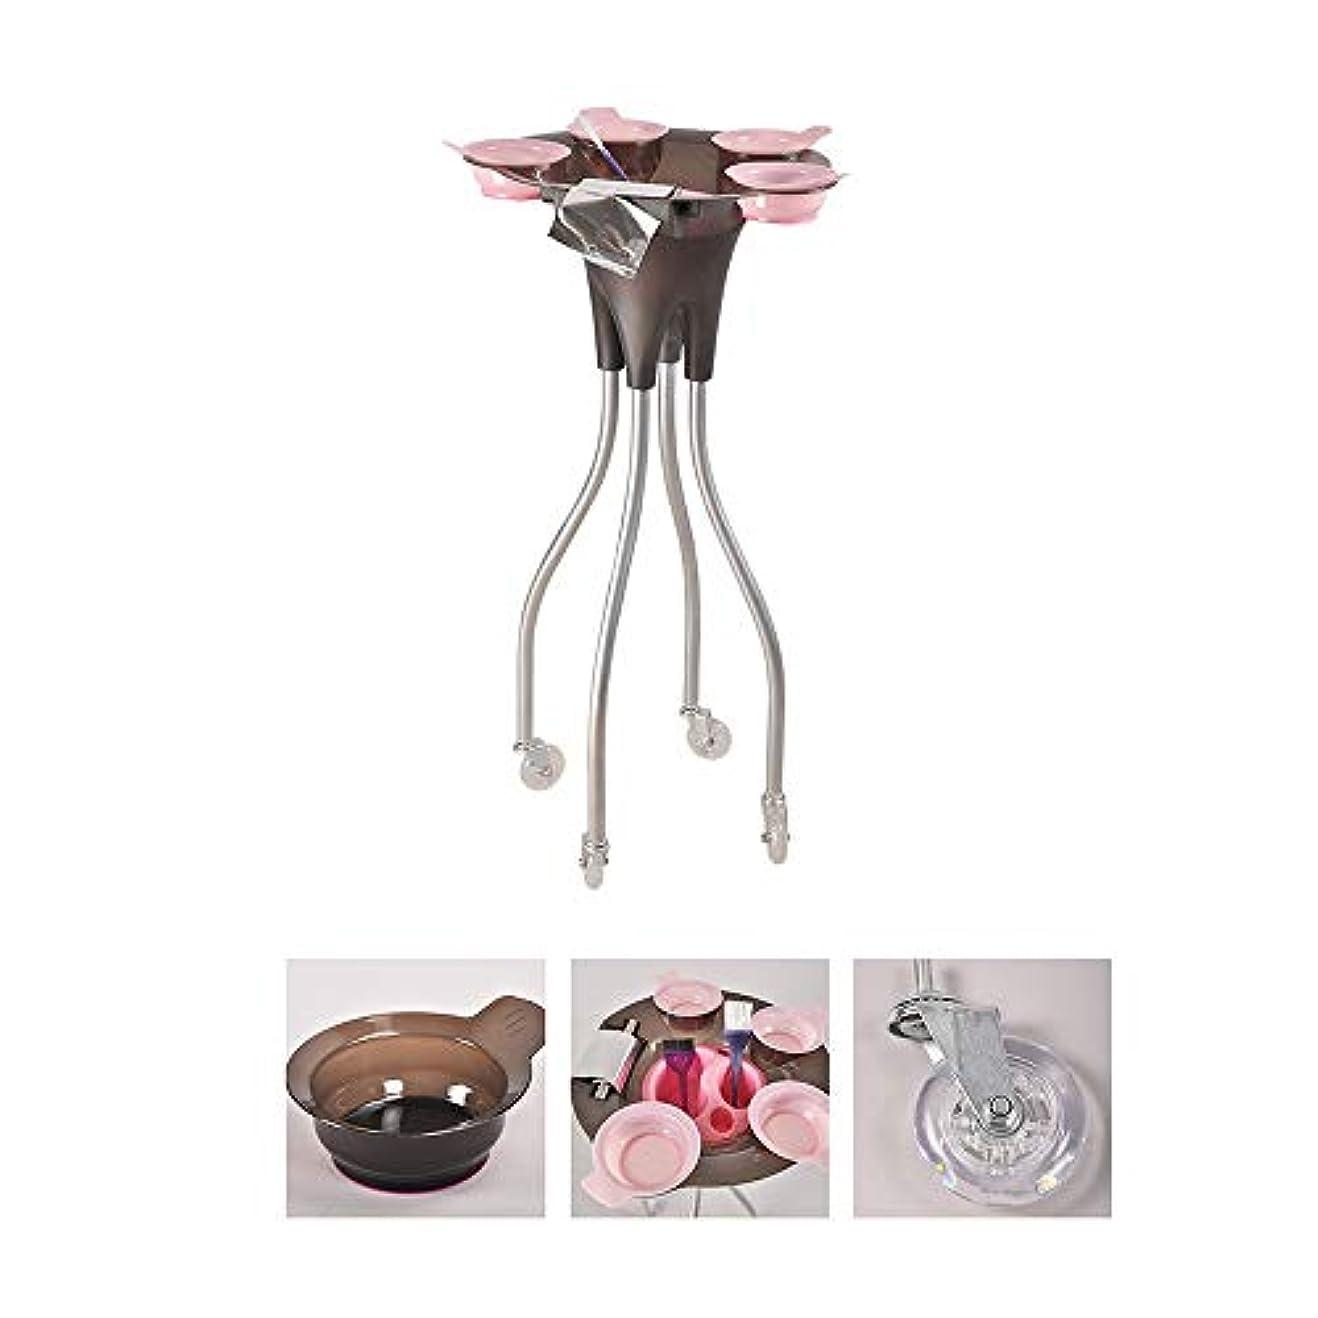 フクロウ香りスパイ4つの車輪が付いている大広間の美容院のトロリー、毛色の染料のボールが付いている美の皿の携帯用実用的なカート、SPAの貯蔵の毛の付属品のホールダー